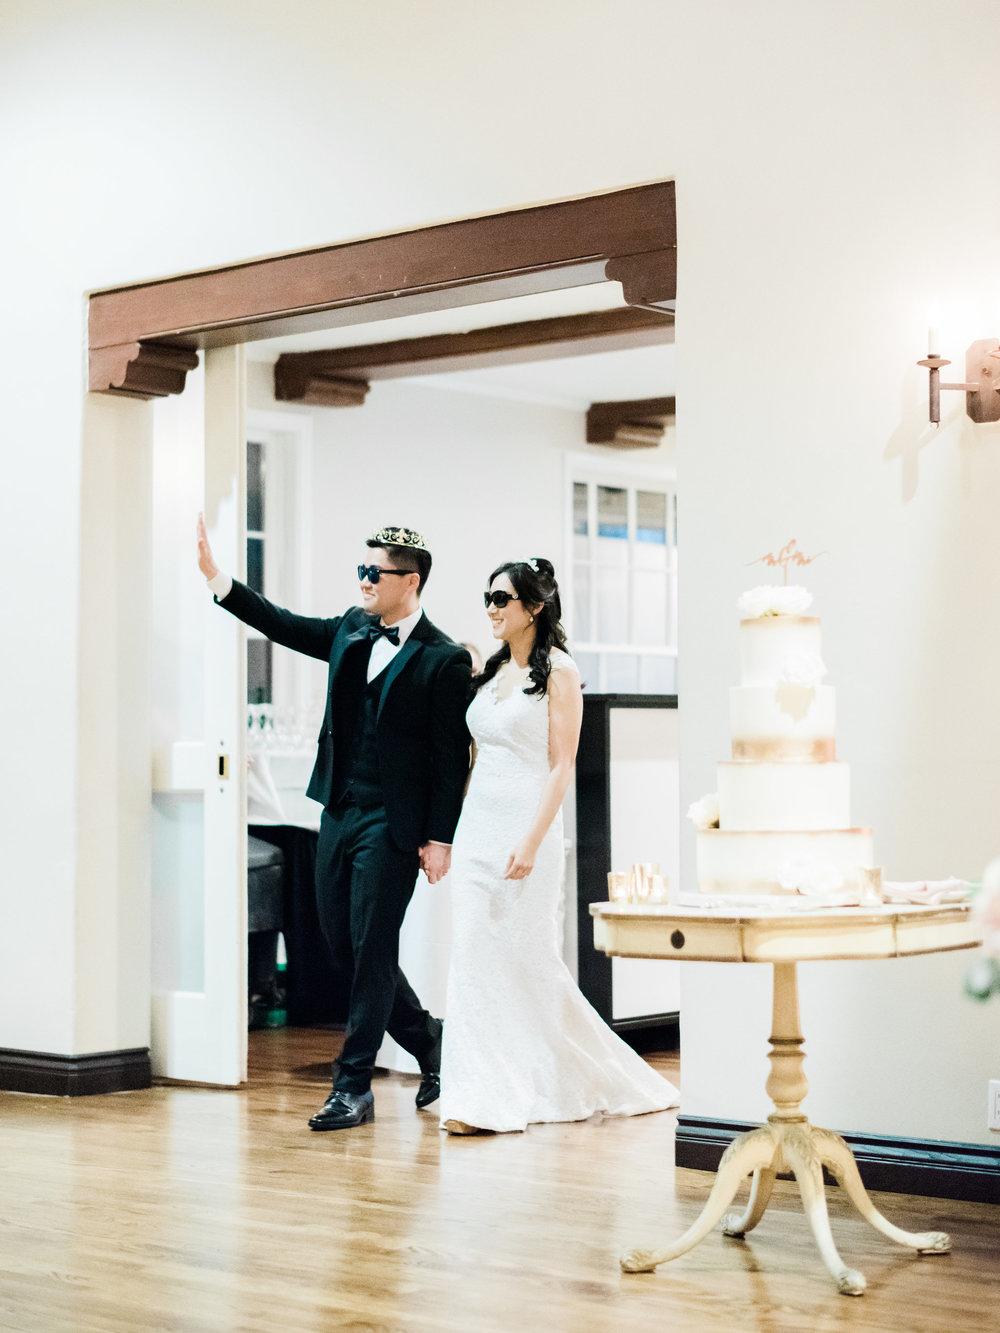 saraanddavid-wedding-1261.jpg